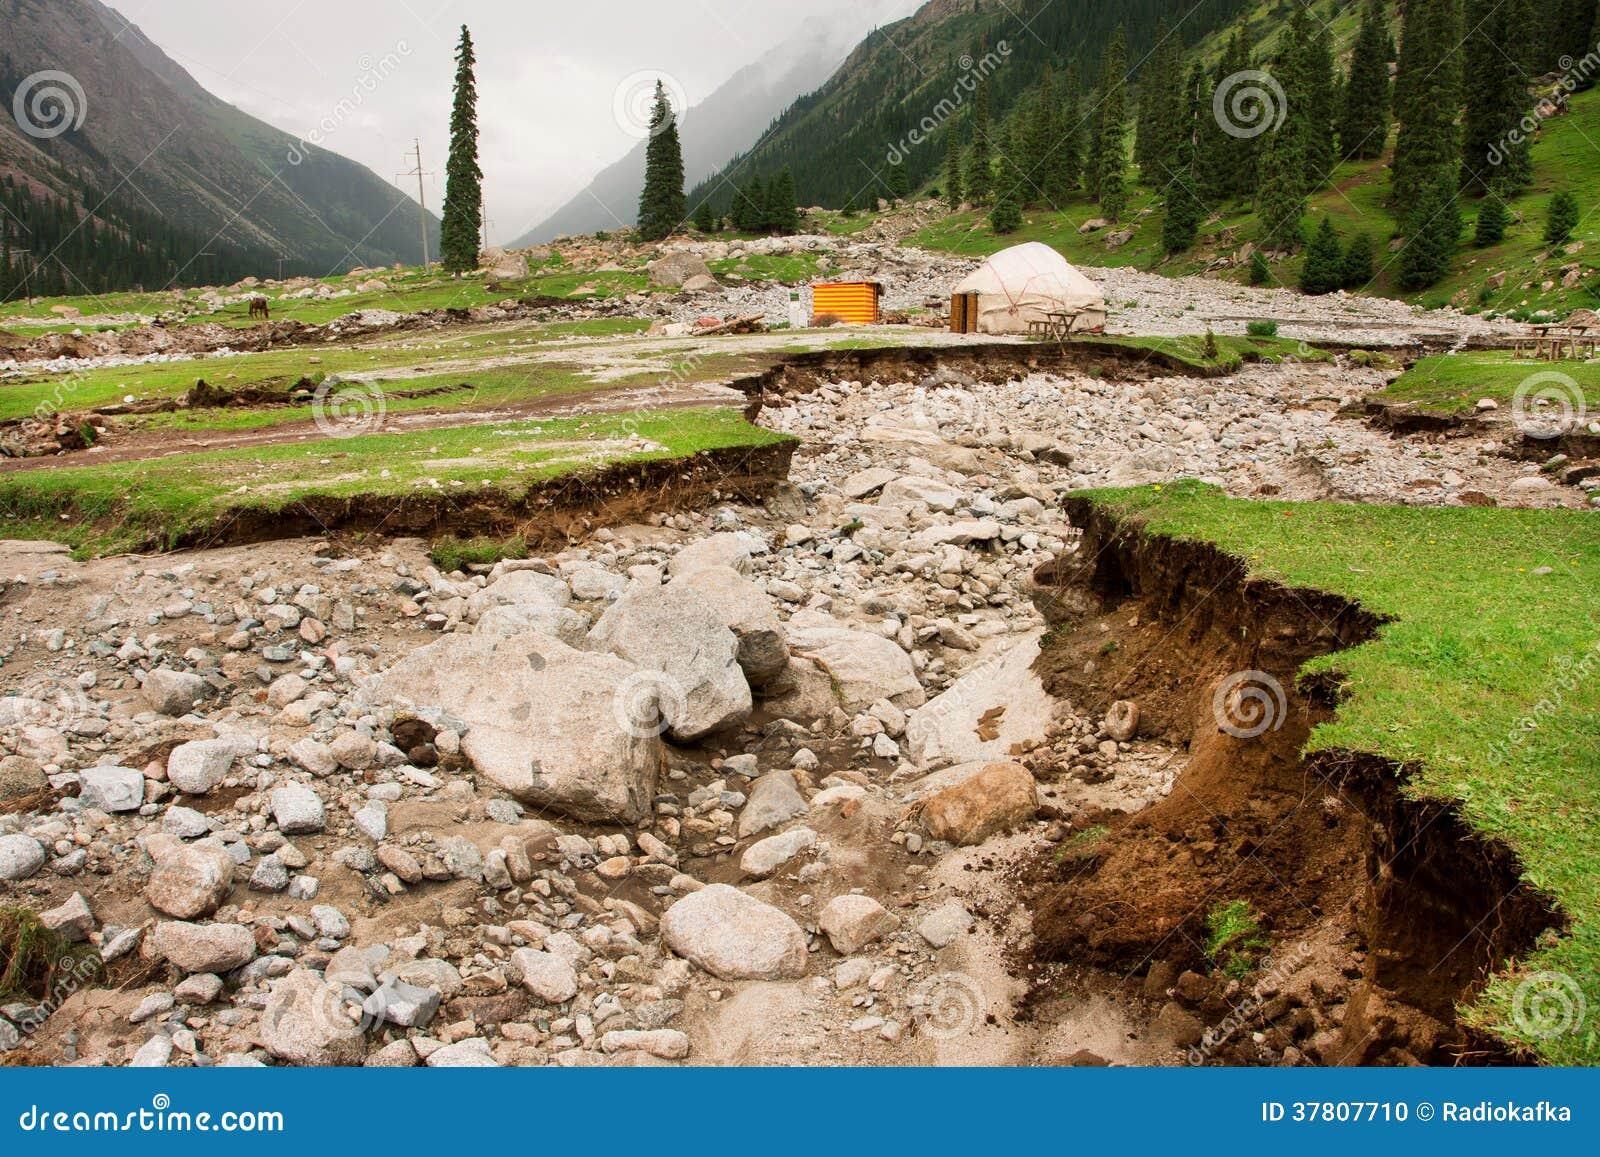 Łamana ziemia trzęsieniem ziemi i osamotnionym mieszkaniem rolnik Środkowy Azja